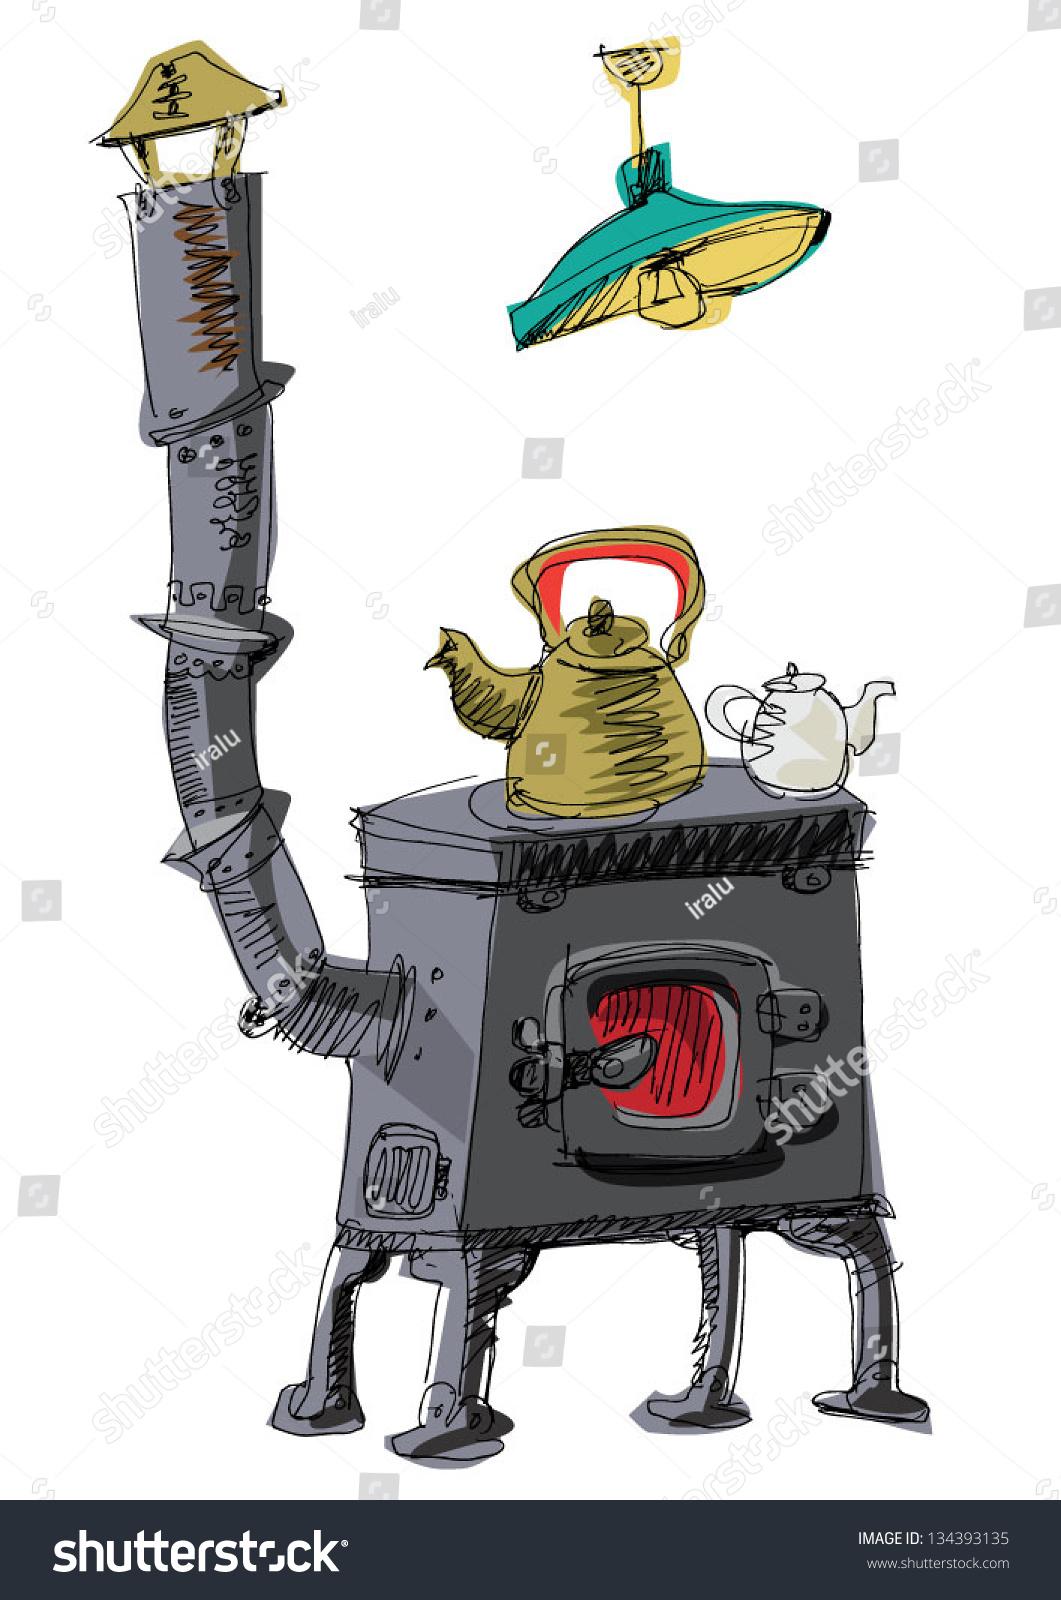 Vintage Coal Oven Cartoon Stock Vector 134393135